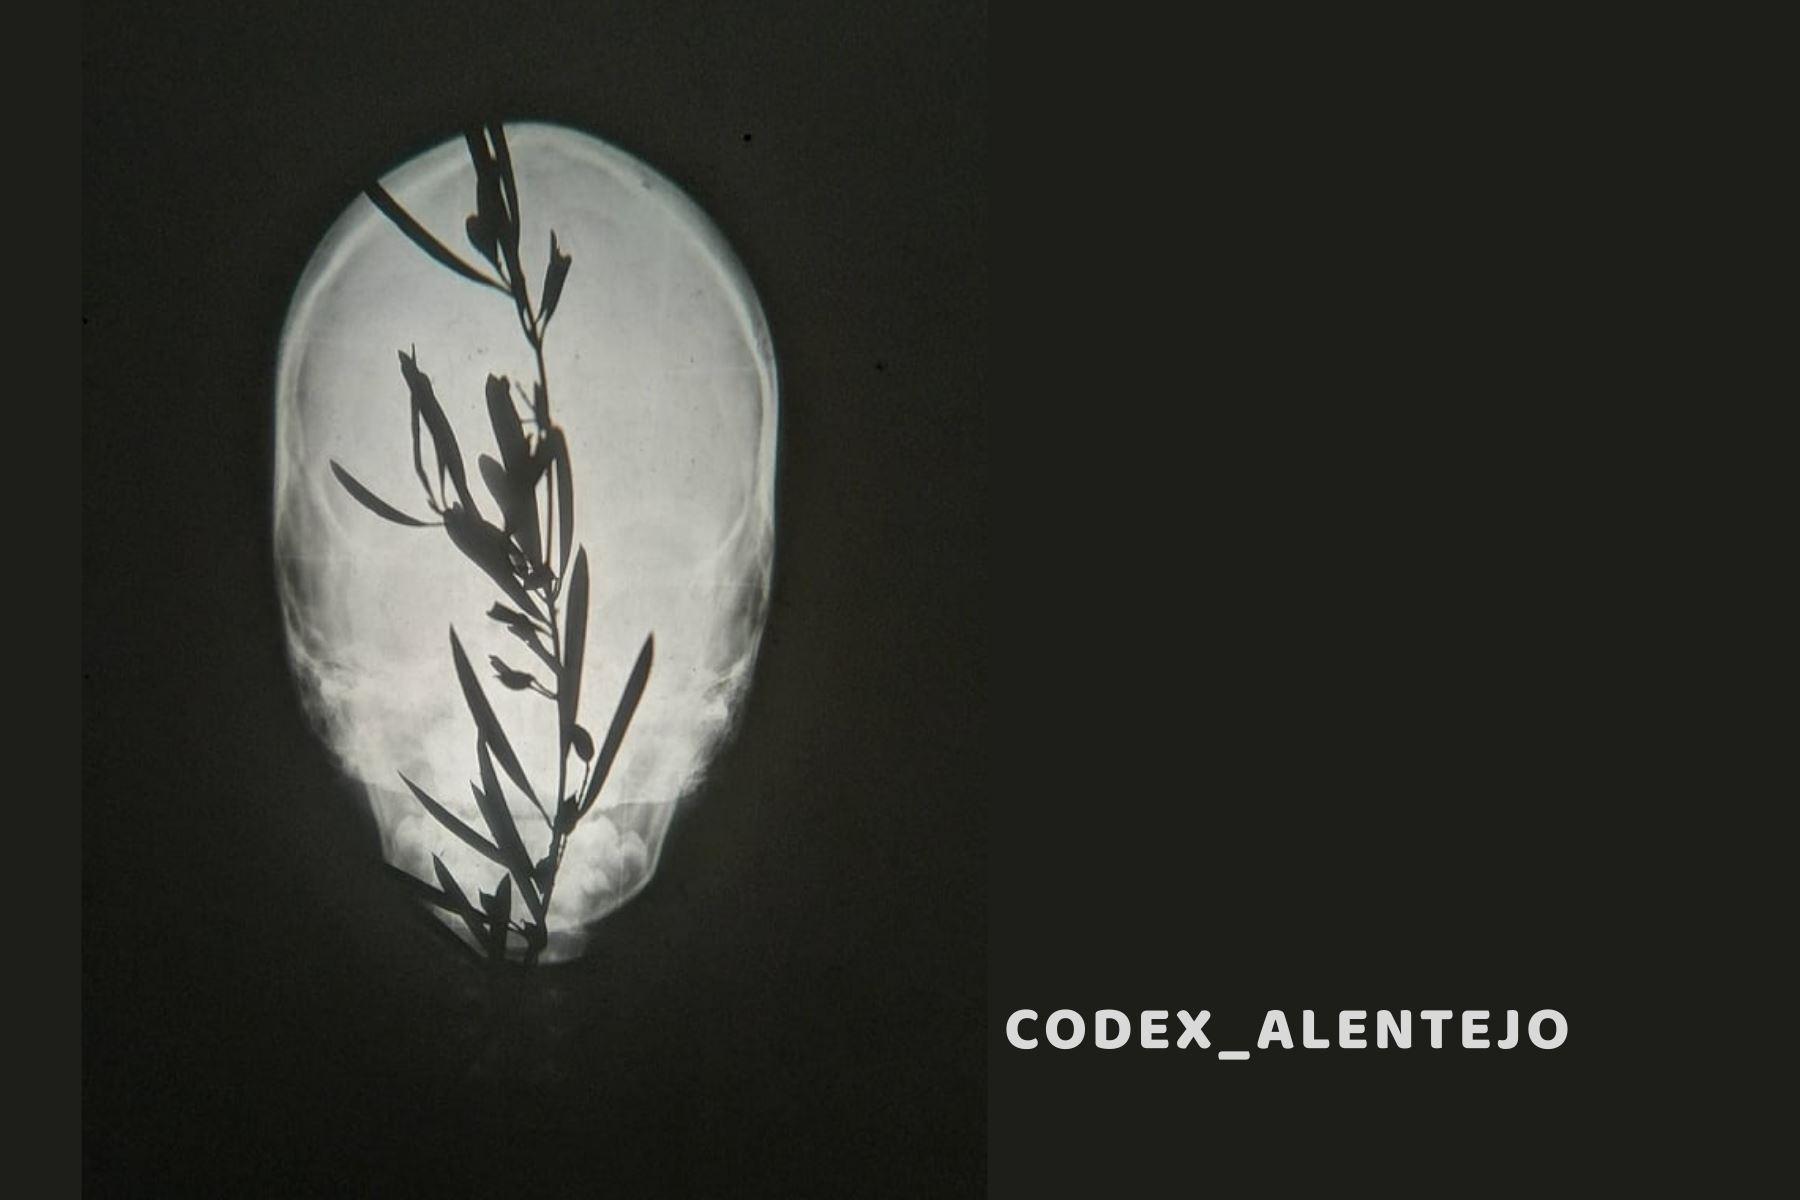 'Codex_Alentejo' - Espetáculo de manipulação de formas animadas em tempo real